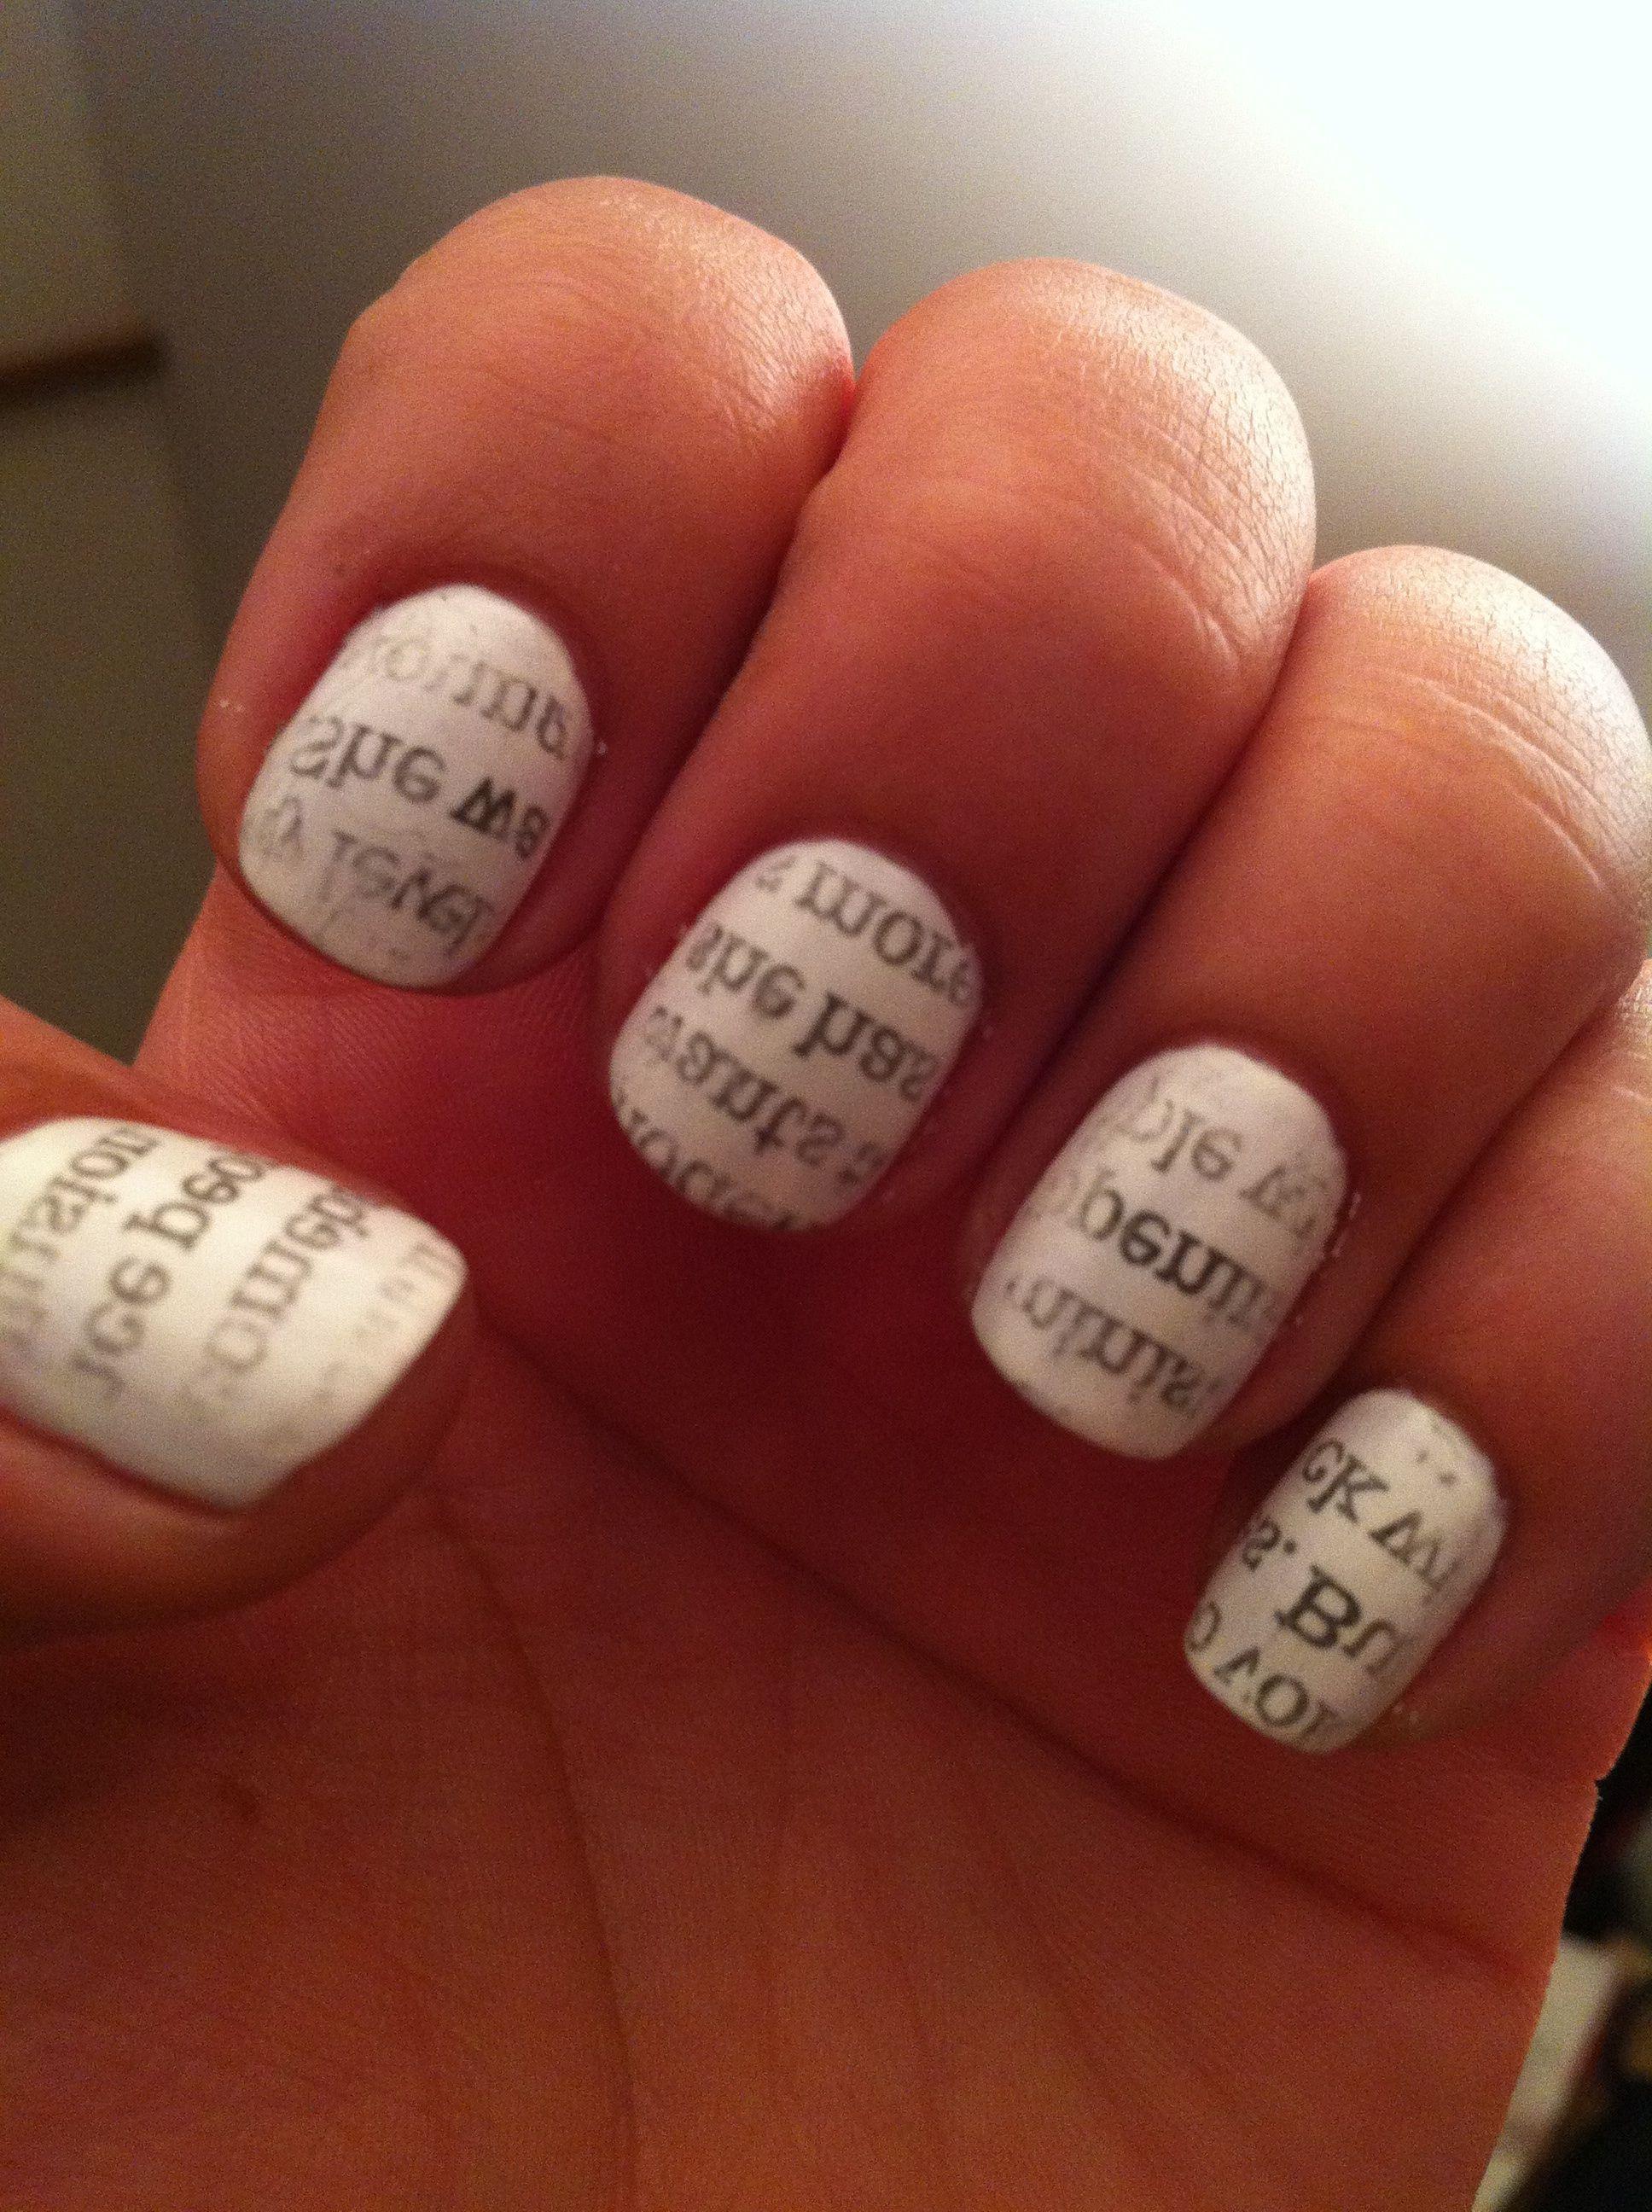 Newsprint nail art-gonna try it! | ○Nails○ | Pinterest | Newsprint ...